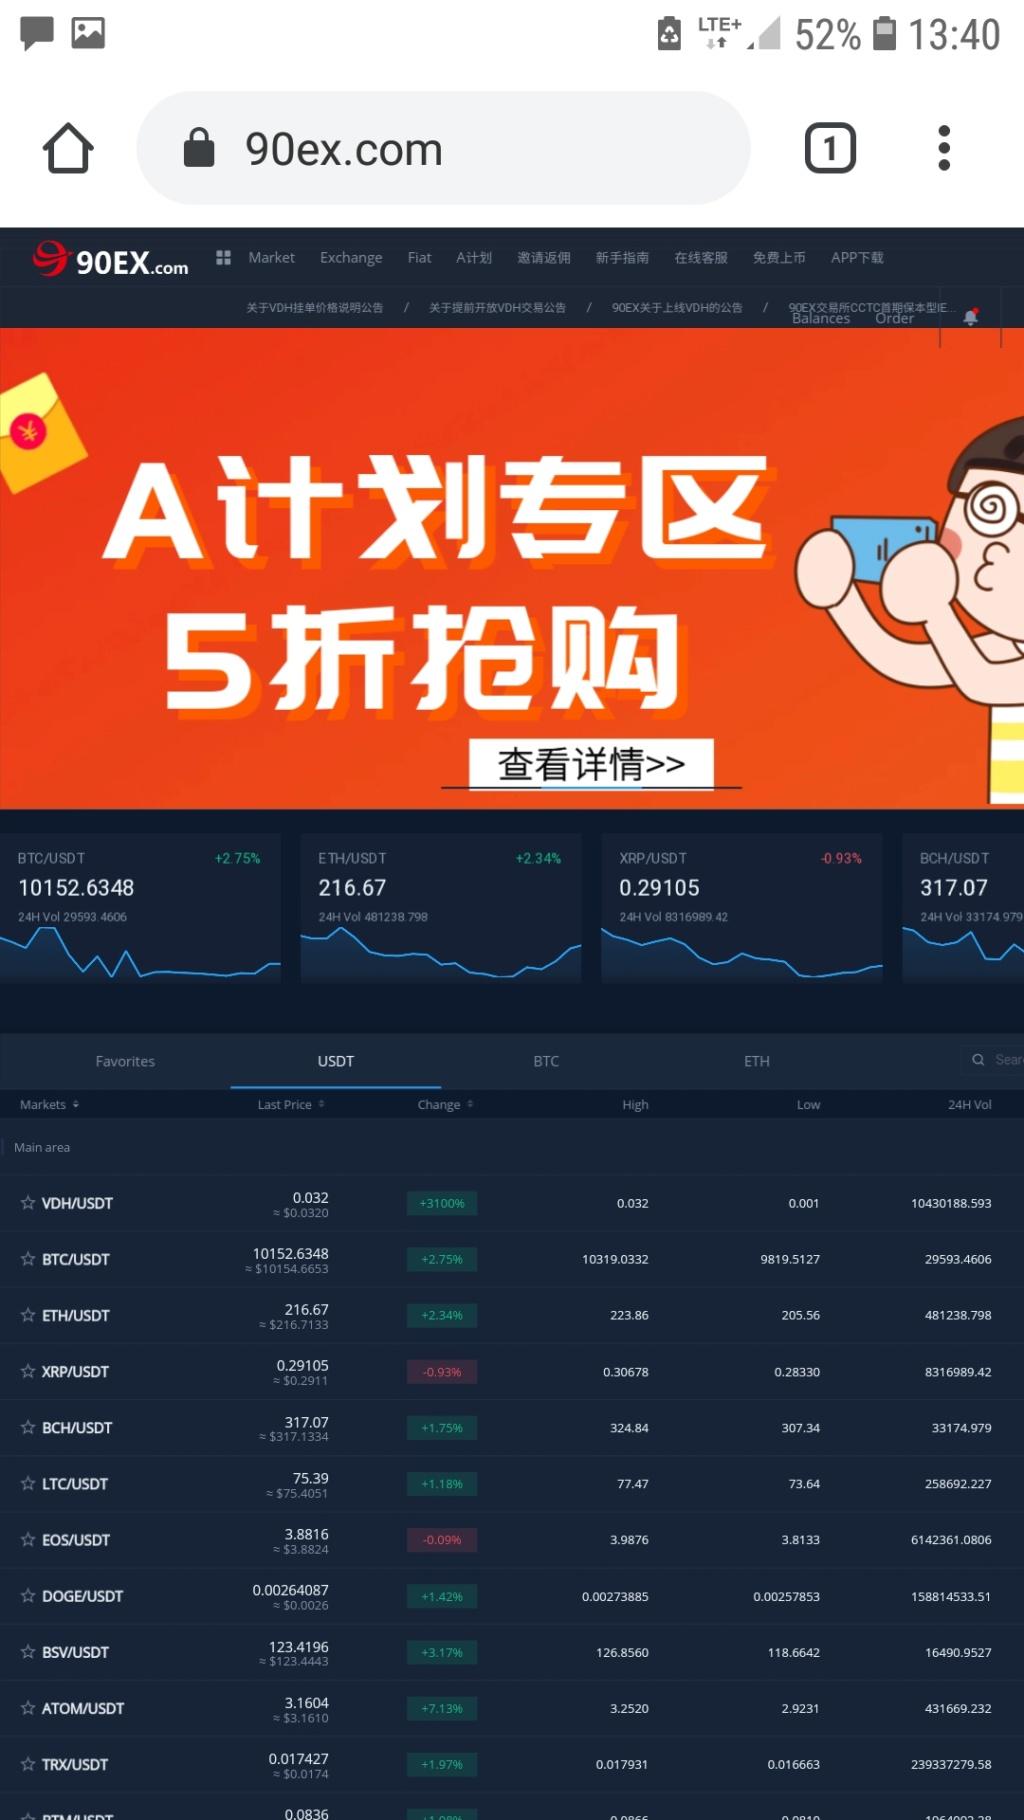 90ex.com 3 EOS czyli 11 USD Screen17